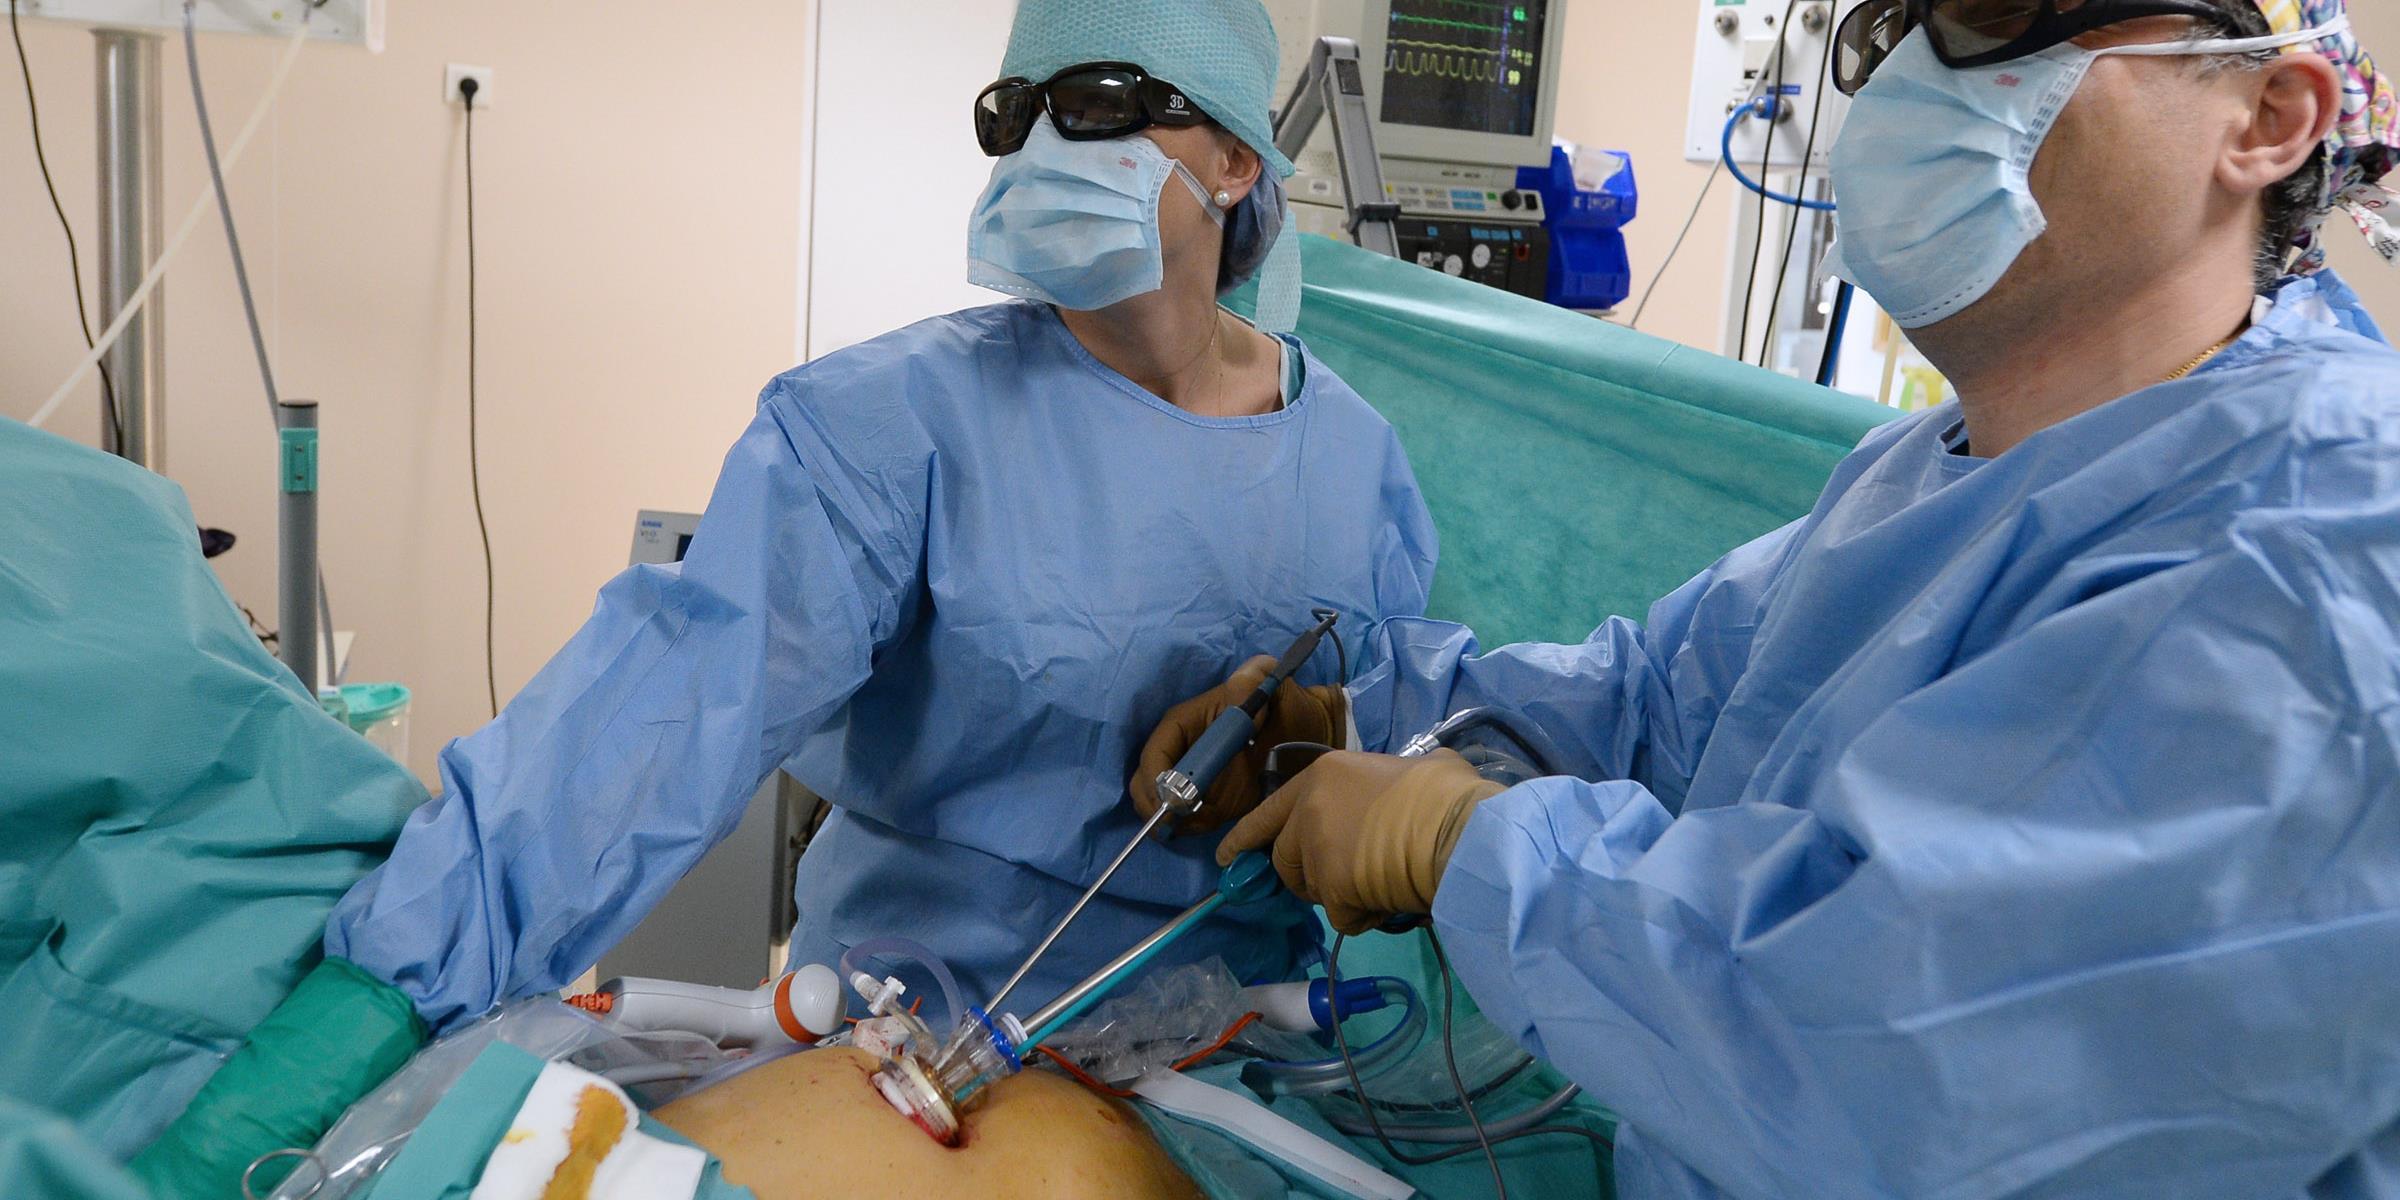 magas vérnyomás bypass műtét hogyan és hol fáj a fej magas vérnyomásban